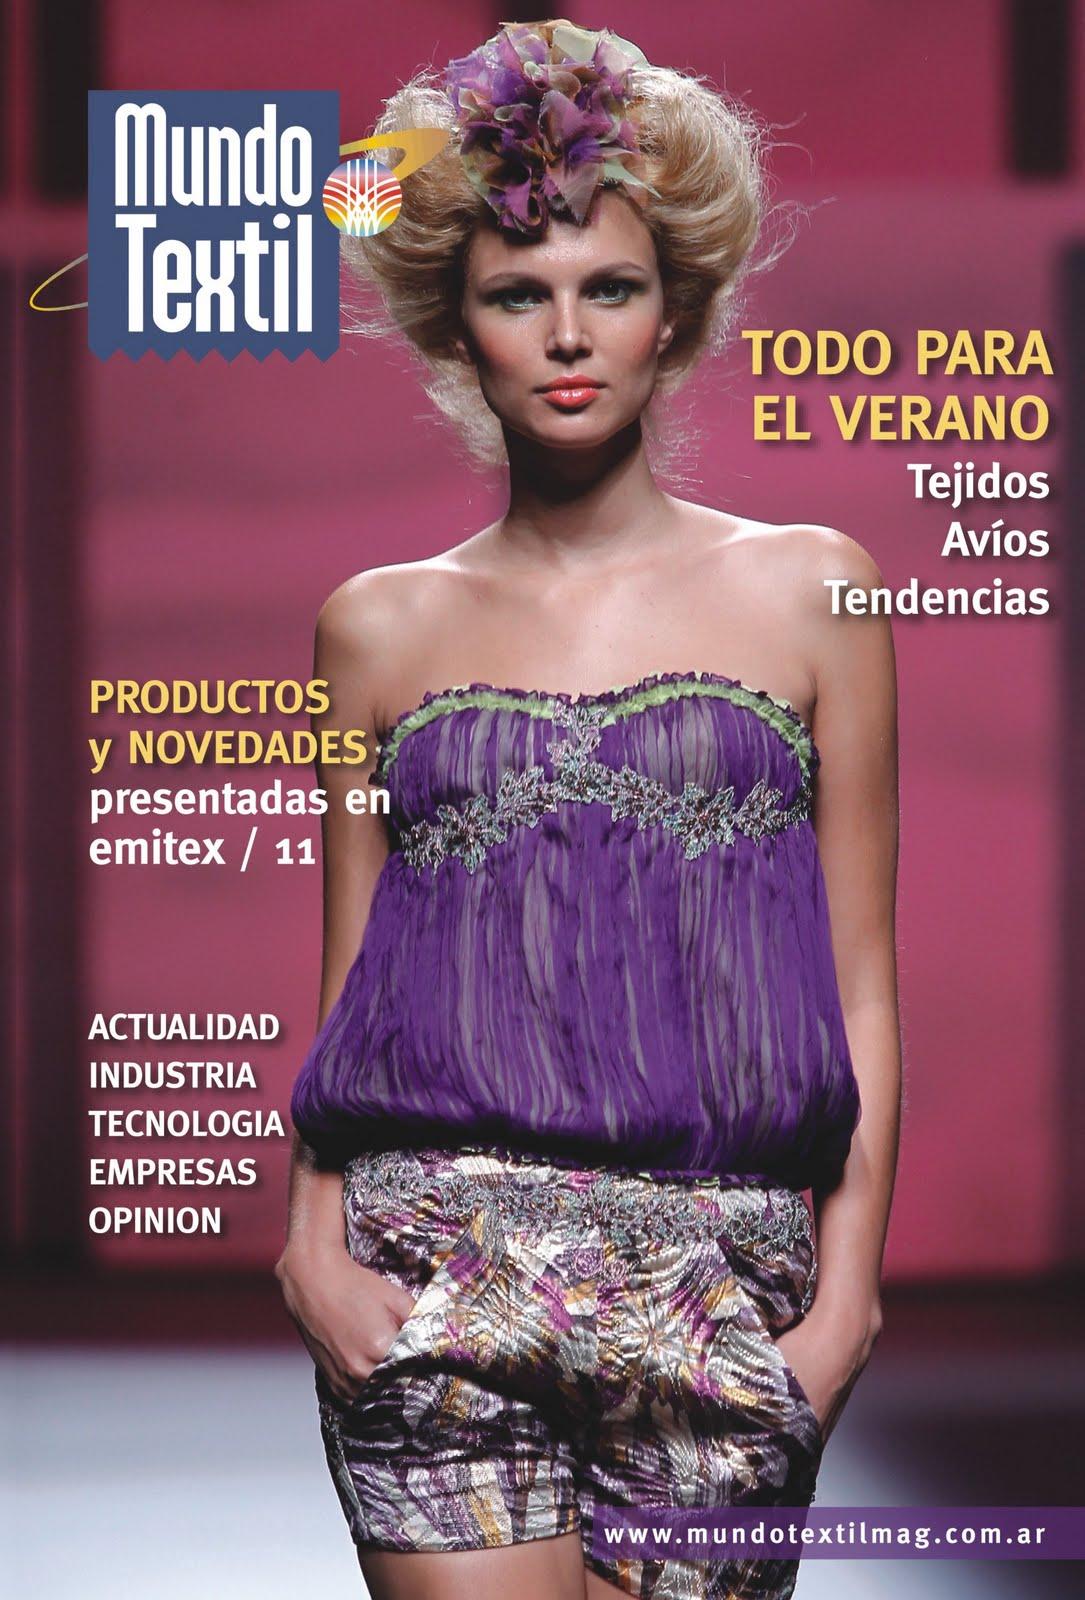 MUNDO TEXTIL BLOG: 06/01/2011 - 07/01/2011